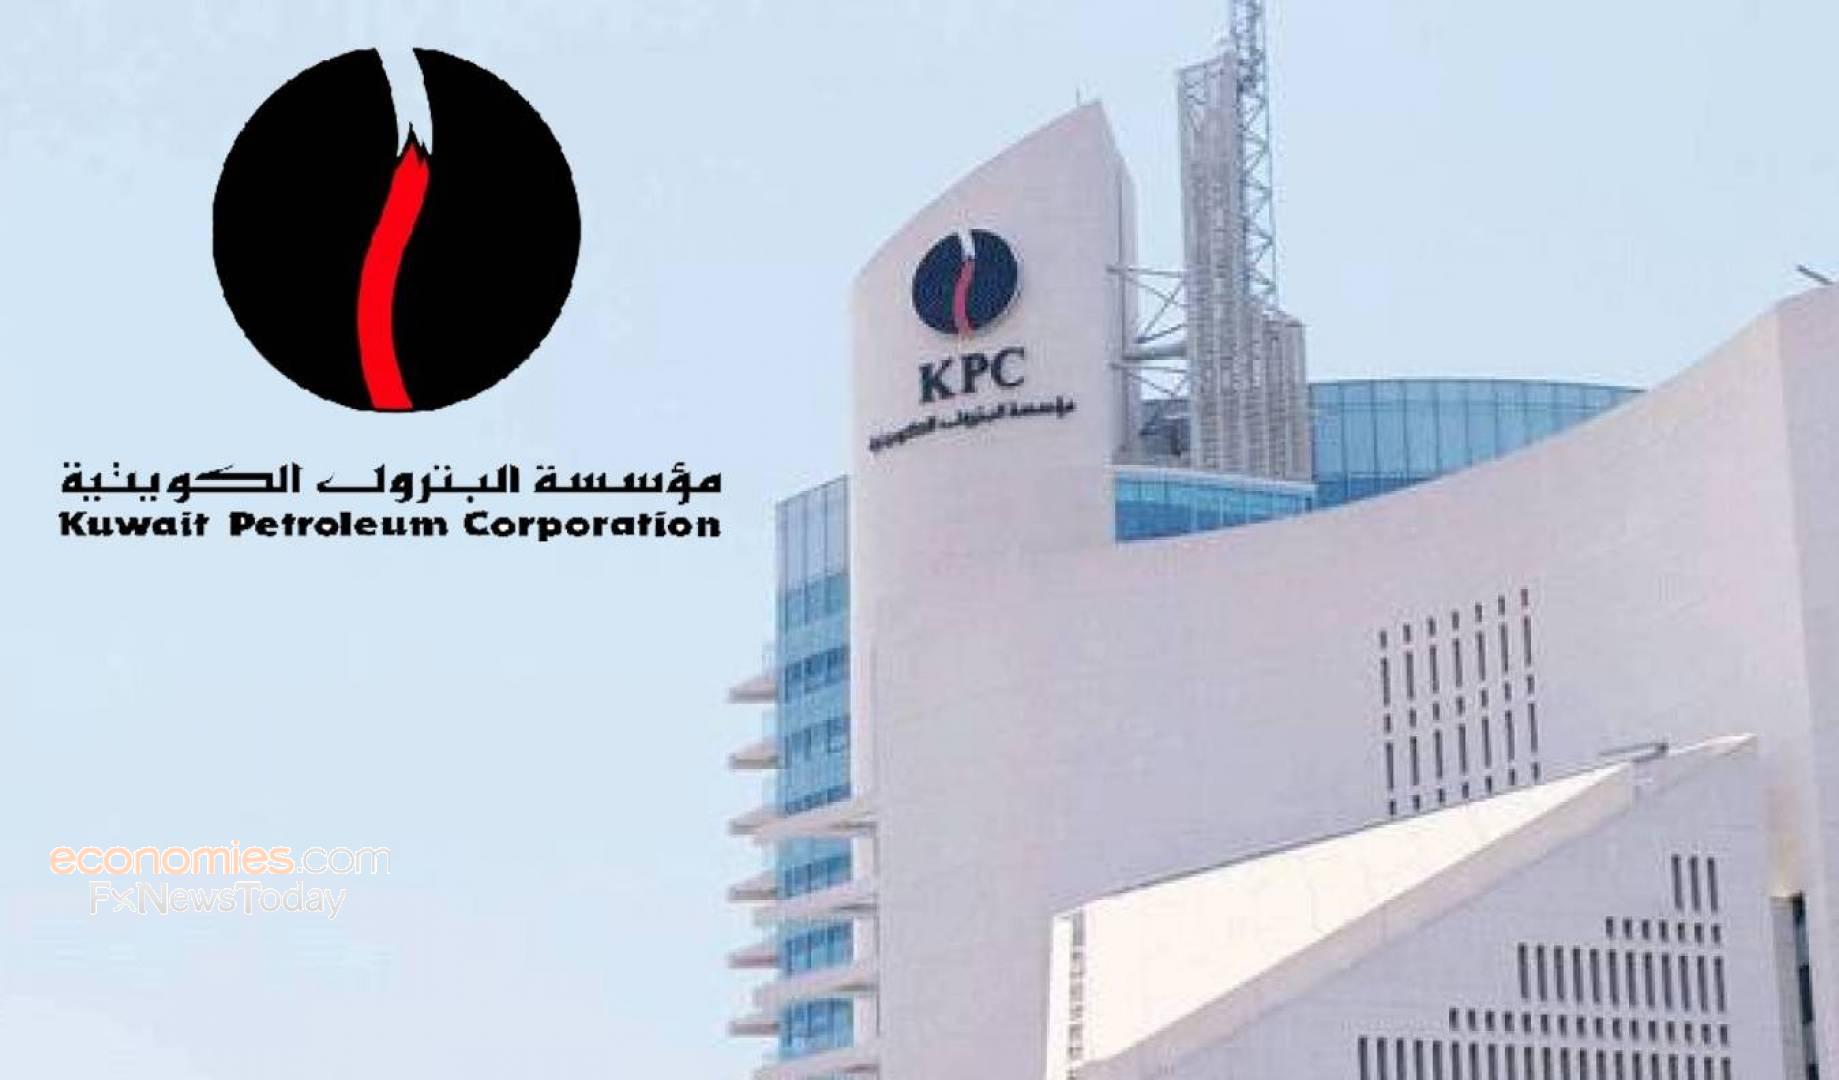 مؤسسة البترول الكويتية تسعى للتخارج من استثمارات بـ 50.5 مليون دولار في للطاقة النظيفة